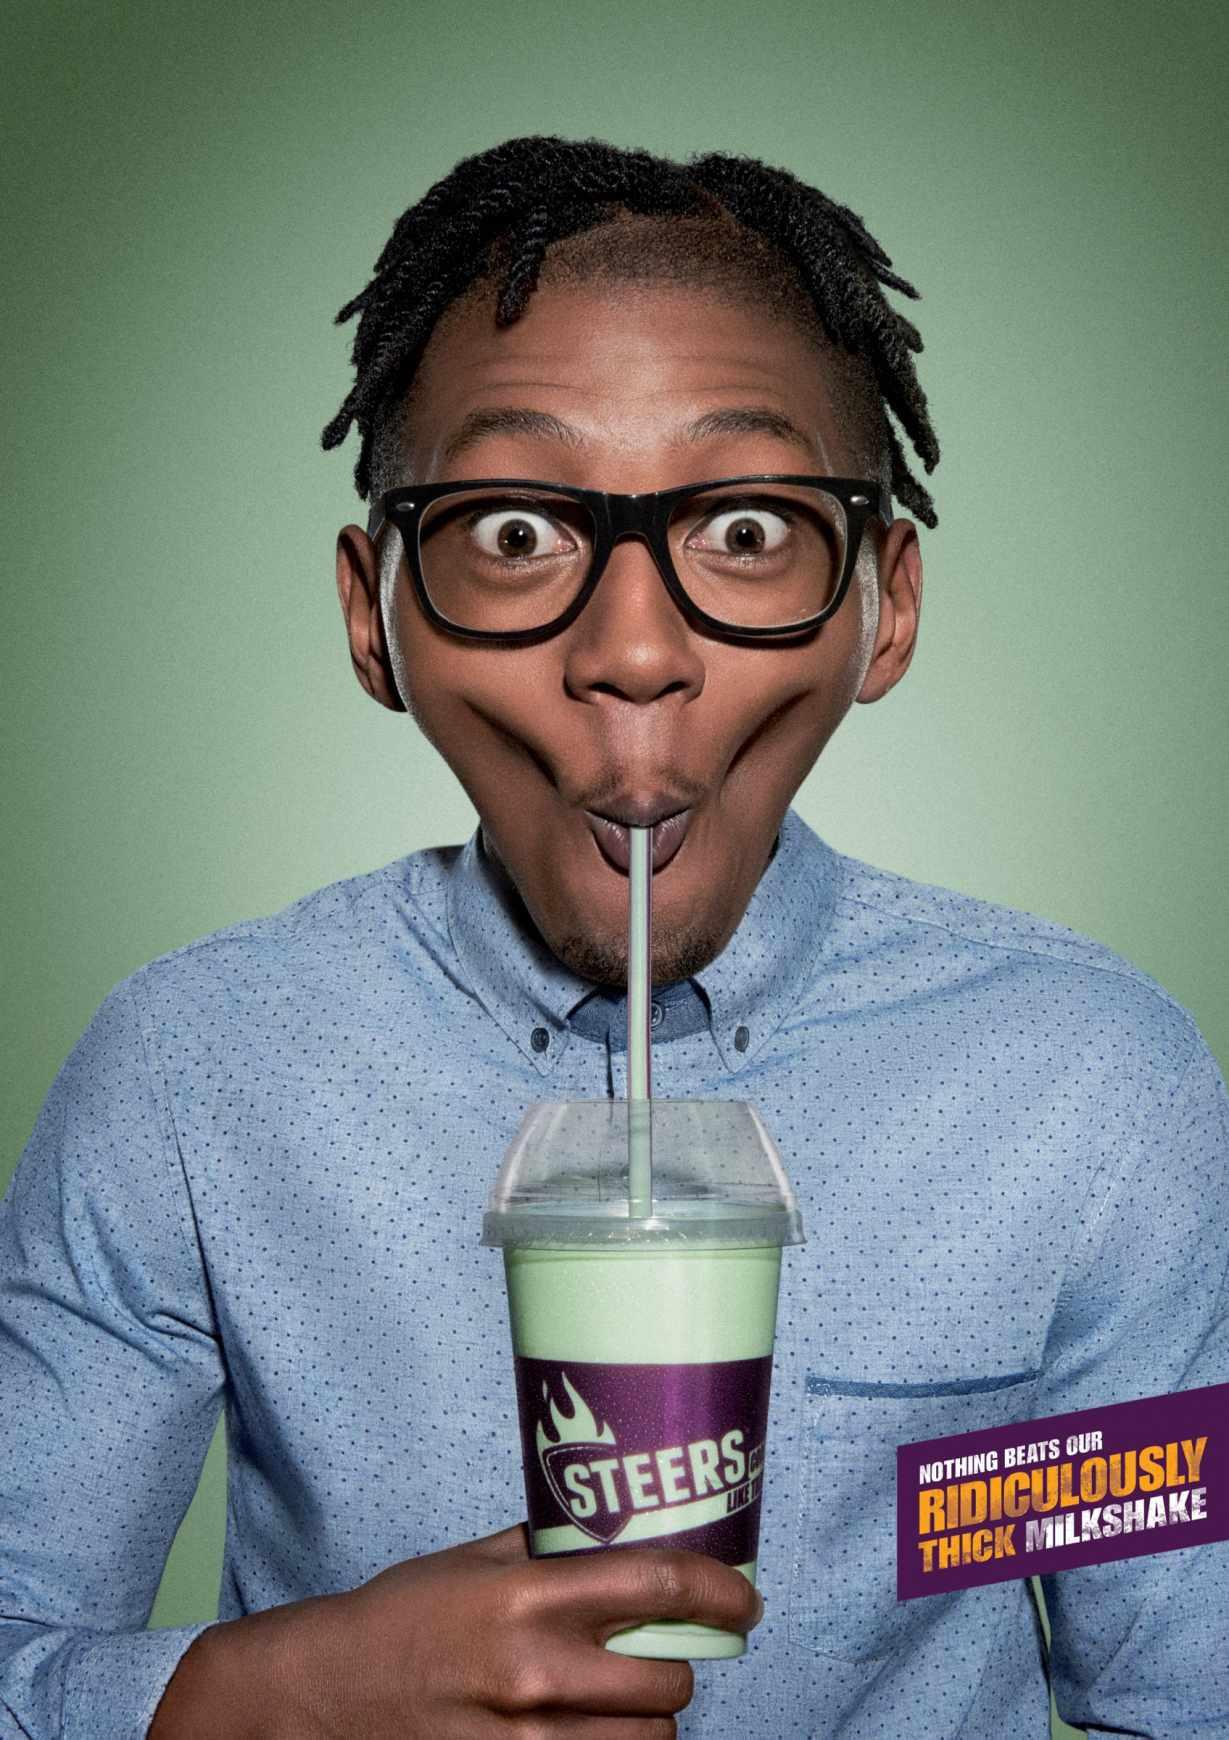 steers_milkshake_posters3_tshepo_aotw